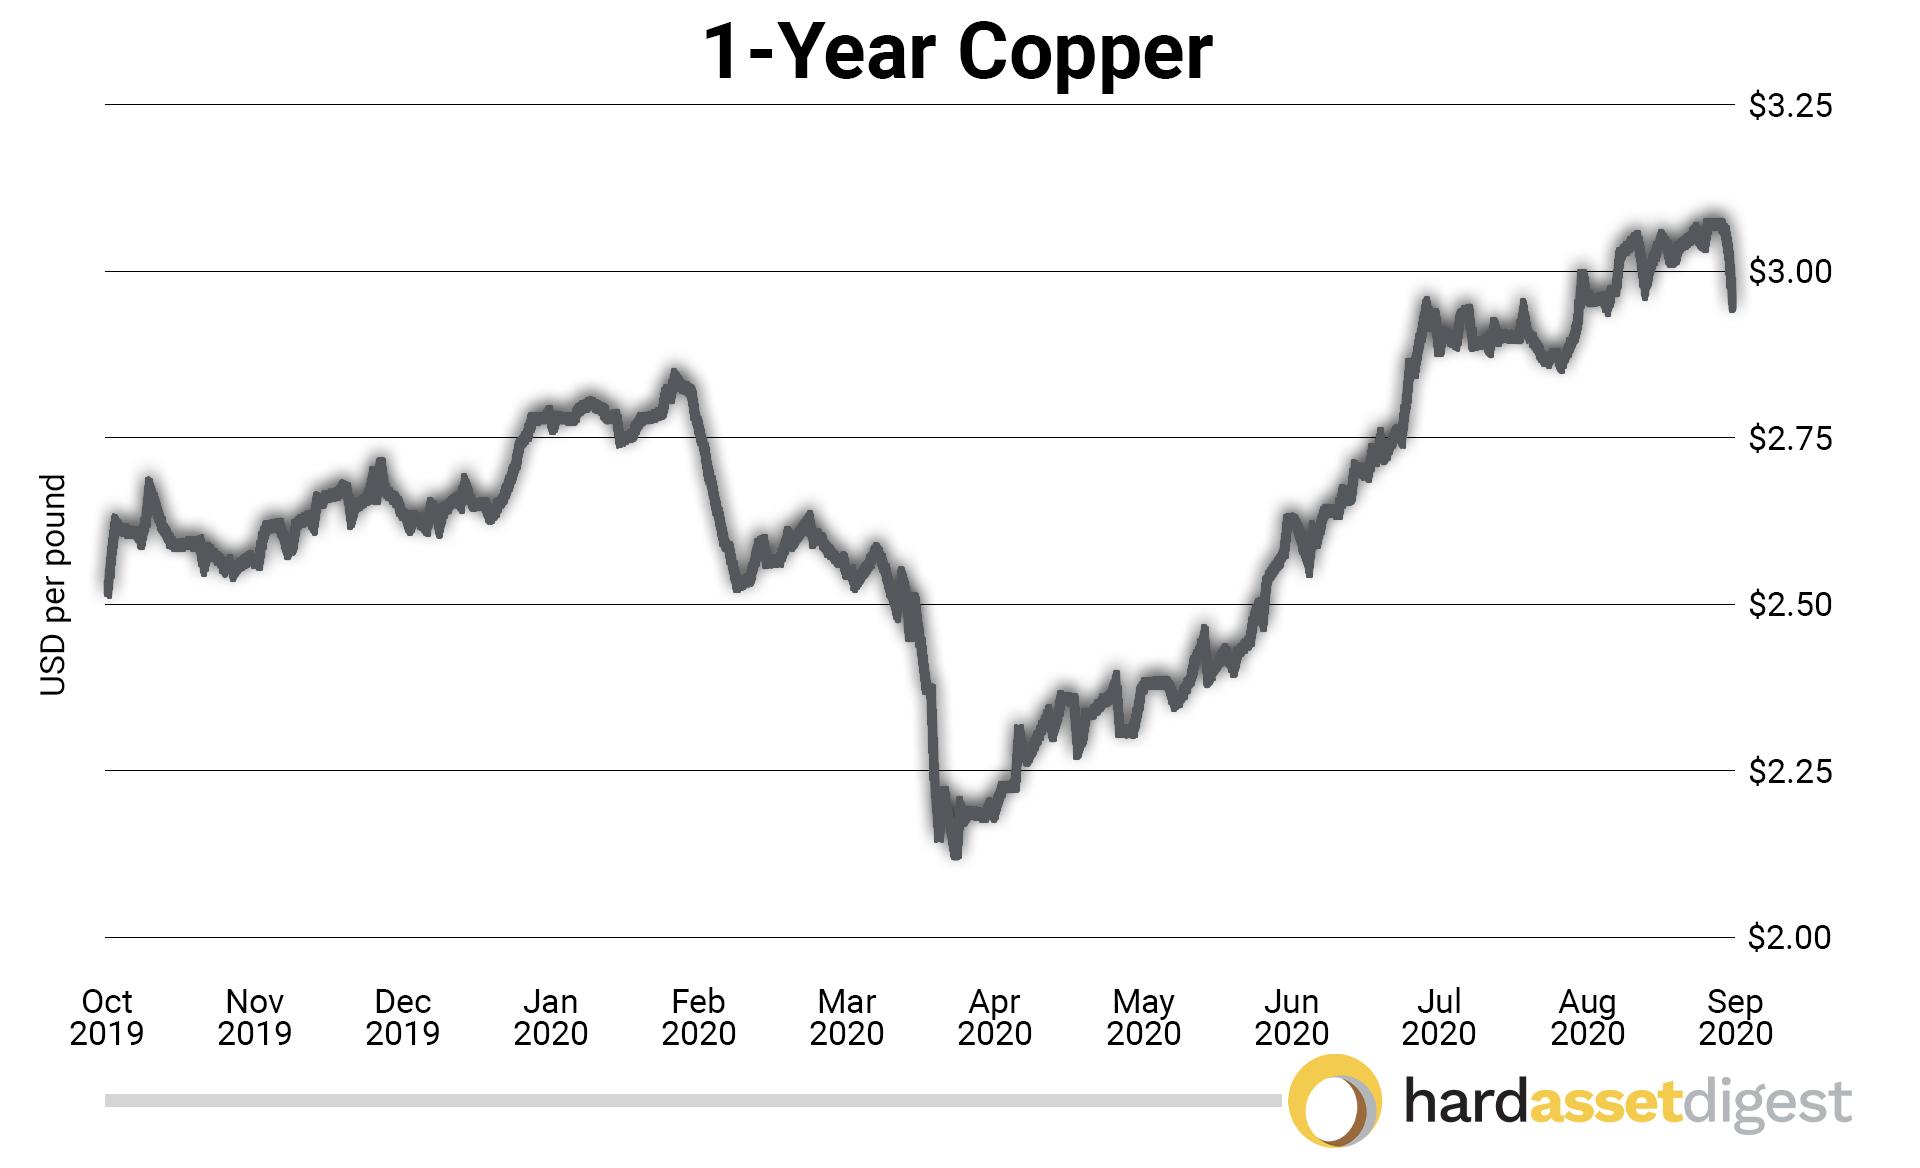 1year-copper-usd-per-pound